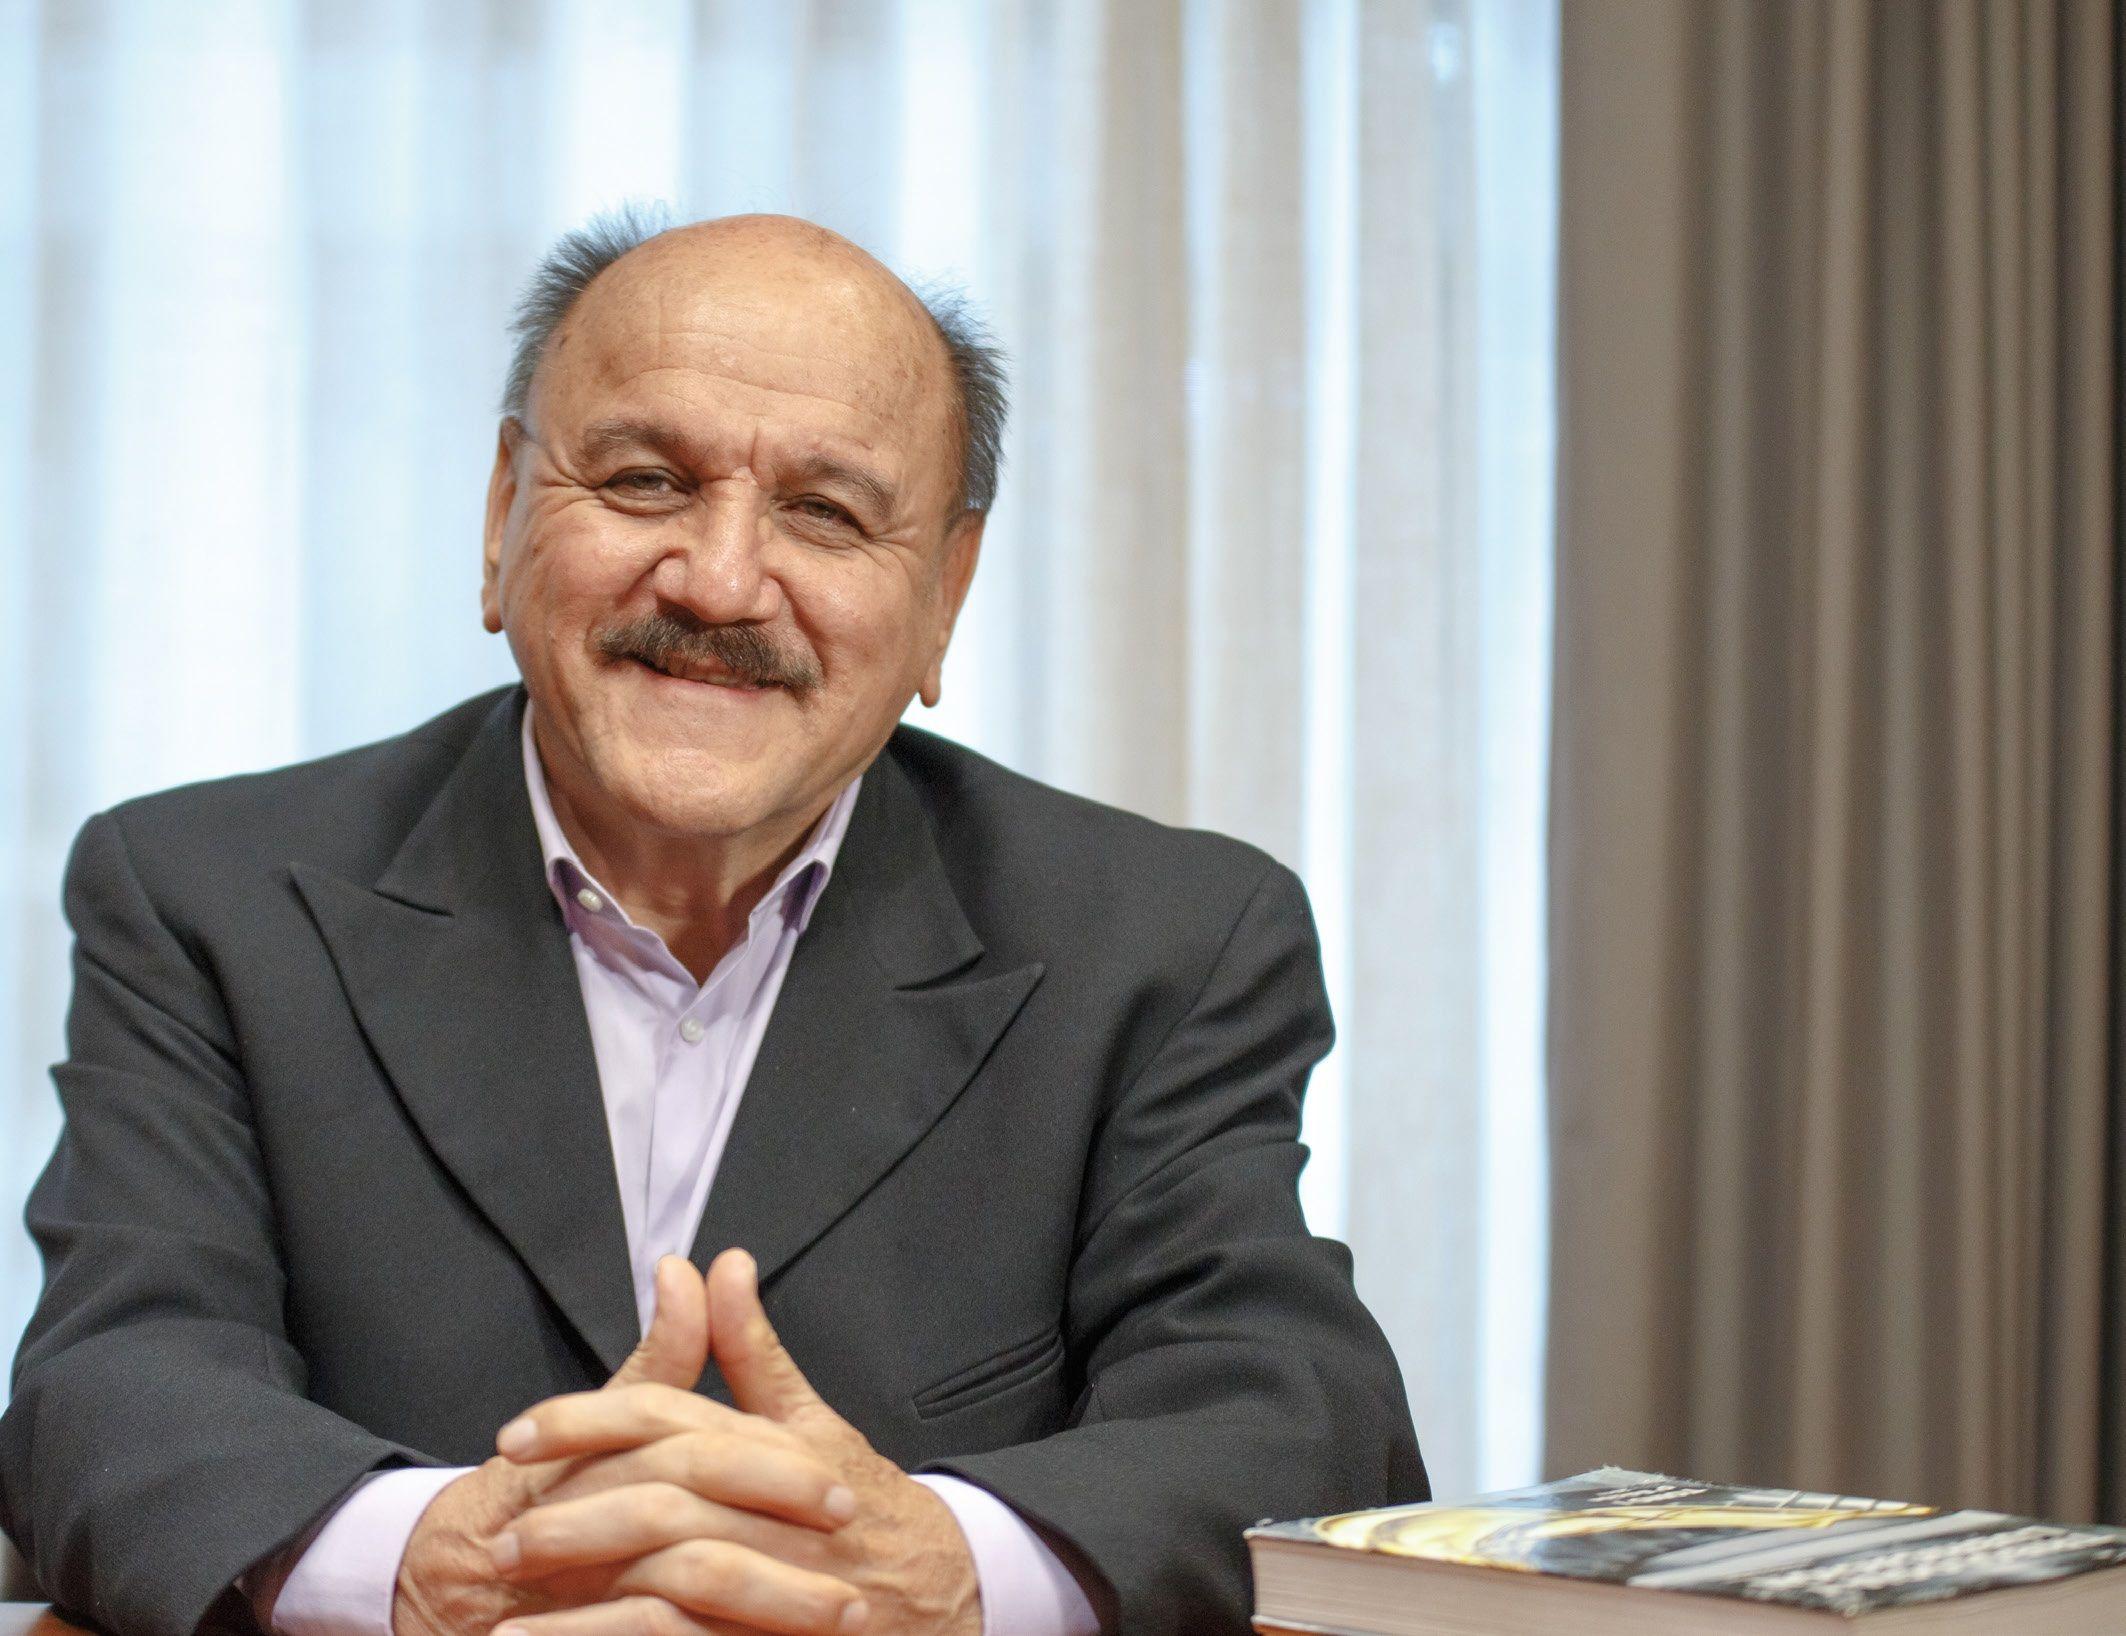 <p>INTERVIEW</p> <p><strong>Ing. Pedro Albarracín</strong></p> <p><strong>Director de Desarrollo de Tecnología</strong></p> <p>Buenas prácticasen maquinariaaumentala productividad</p>